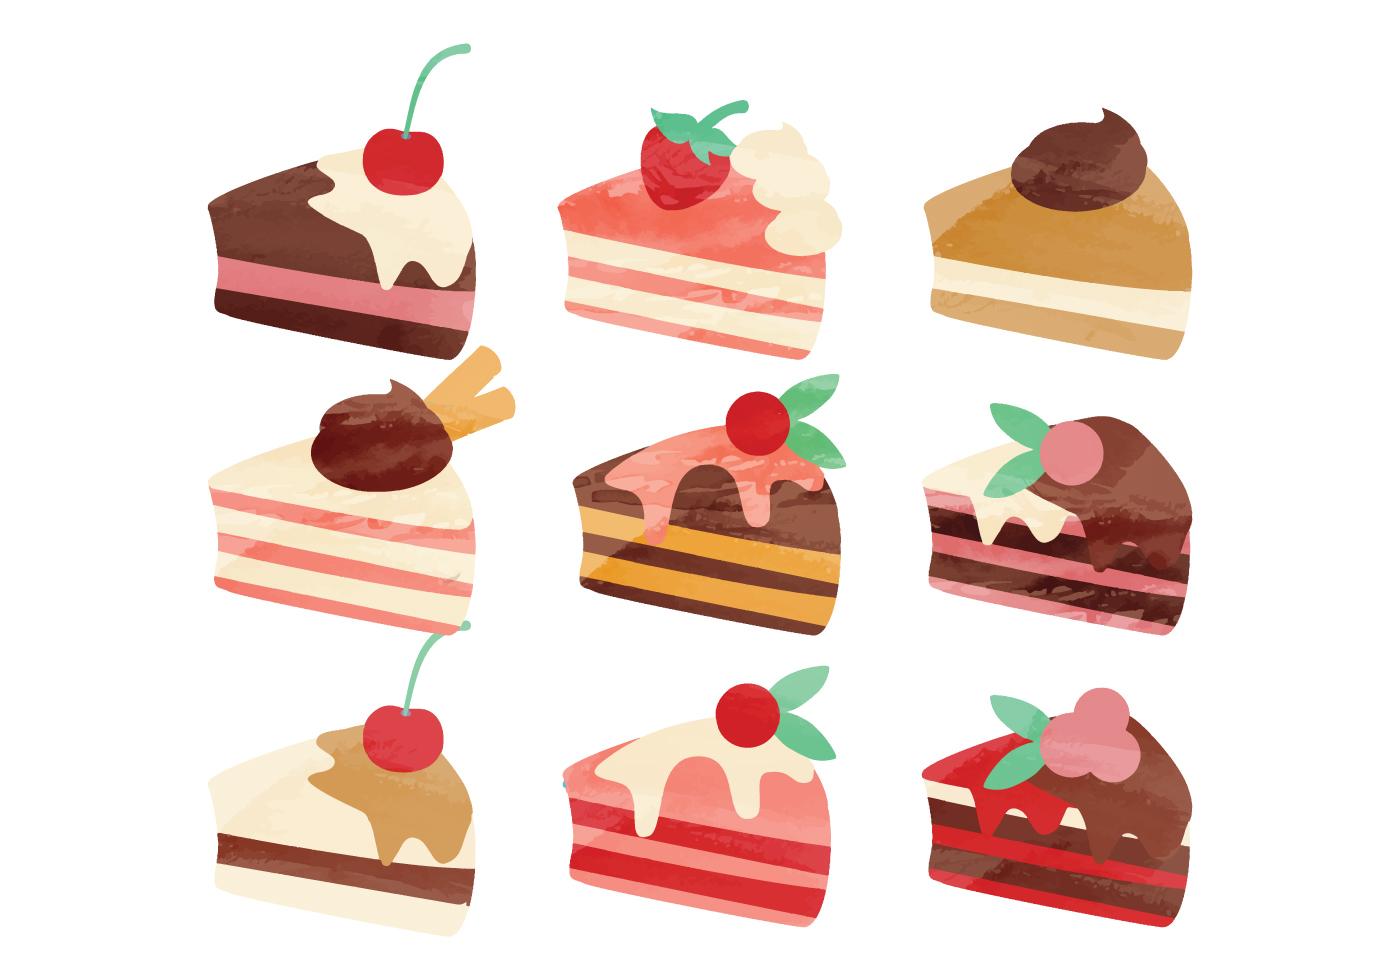 Cake Line Art Vector Free Download : Vector Watercolor Pieces of Cake - Download Free Vector ...